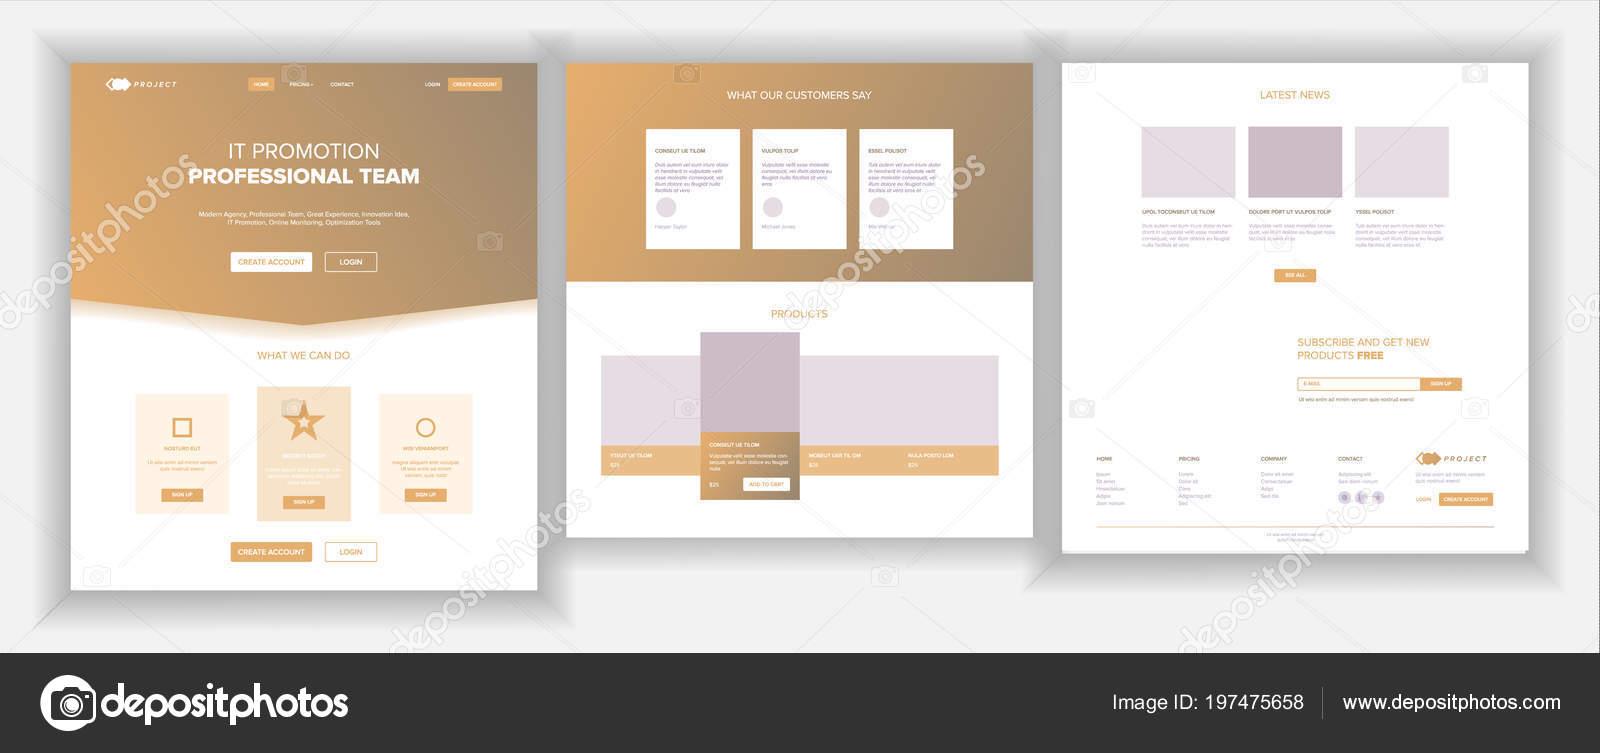 Hauptwebseite Design Vektor Webseite Business Bildschirm